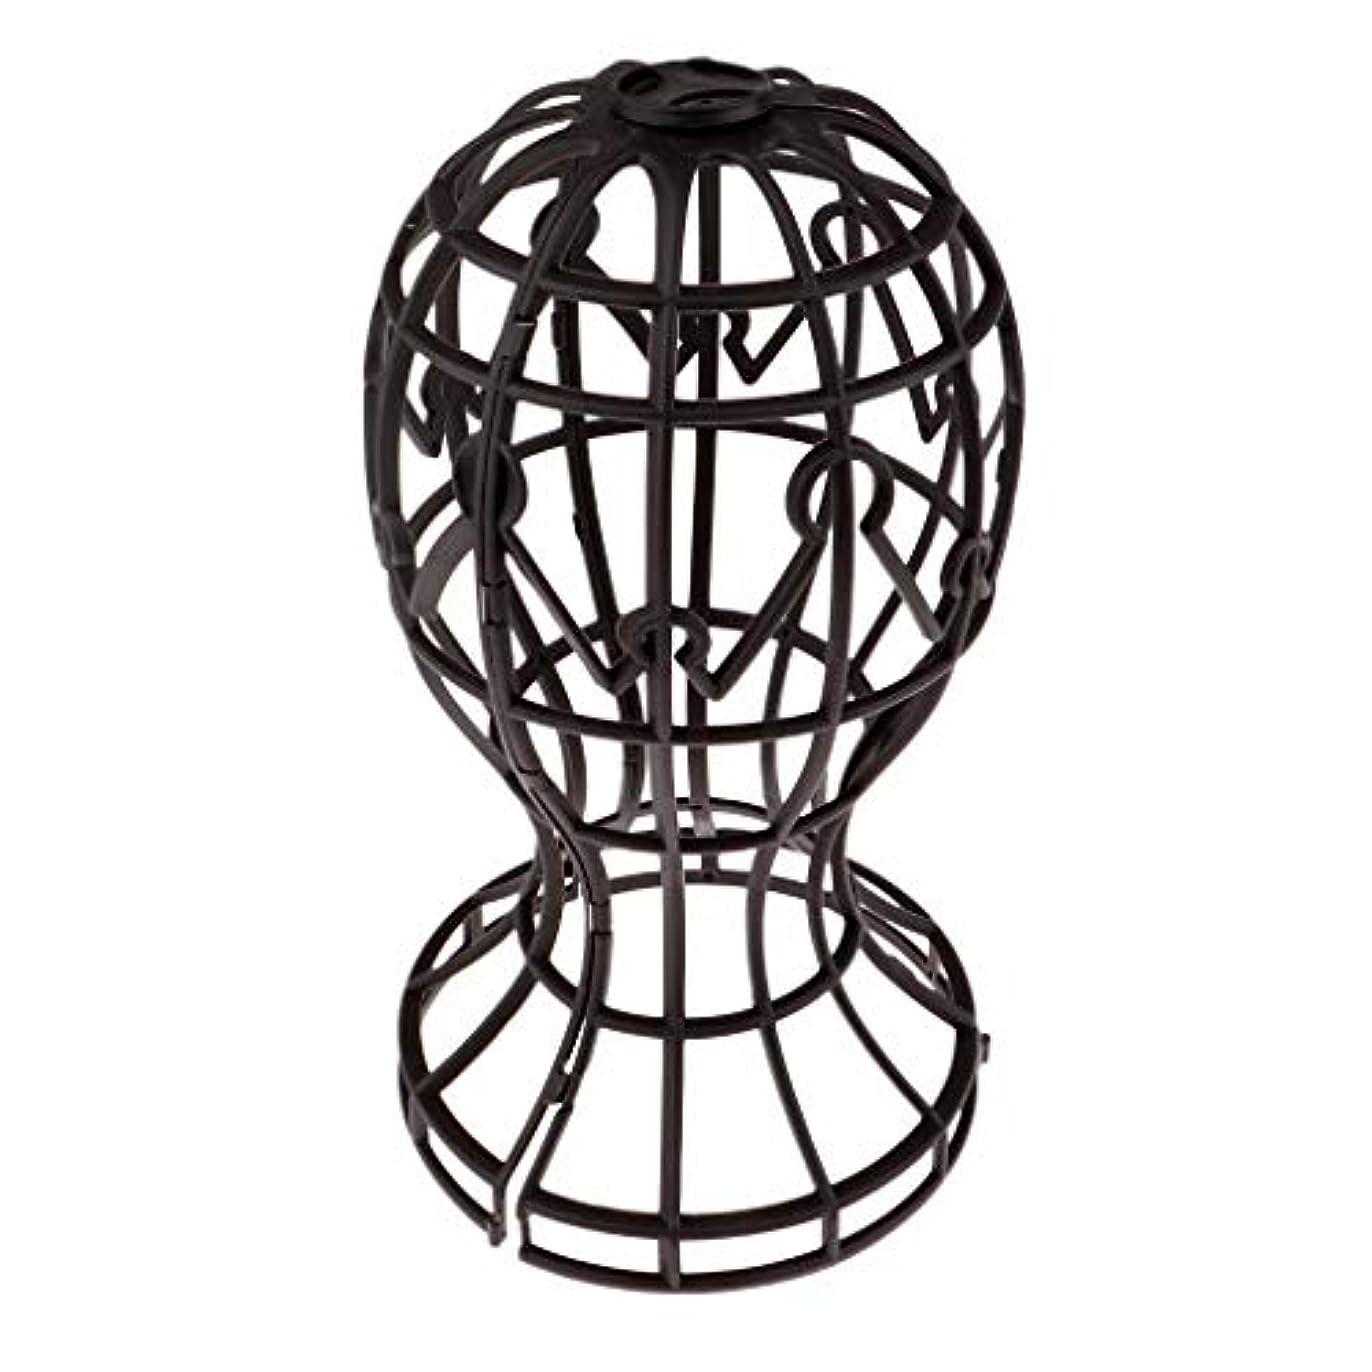 発揮する大宇宙乞食Sharplace かつらホルダー 髪型スタンド ウィッグスタンド 省スペース 帽子 ディスプレイ 高さ約31cm - ブラウン